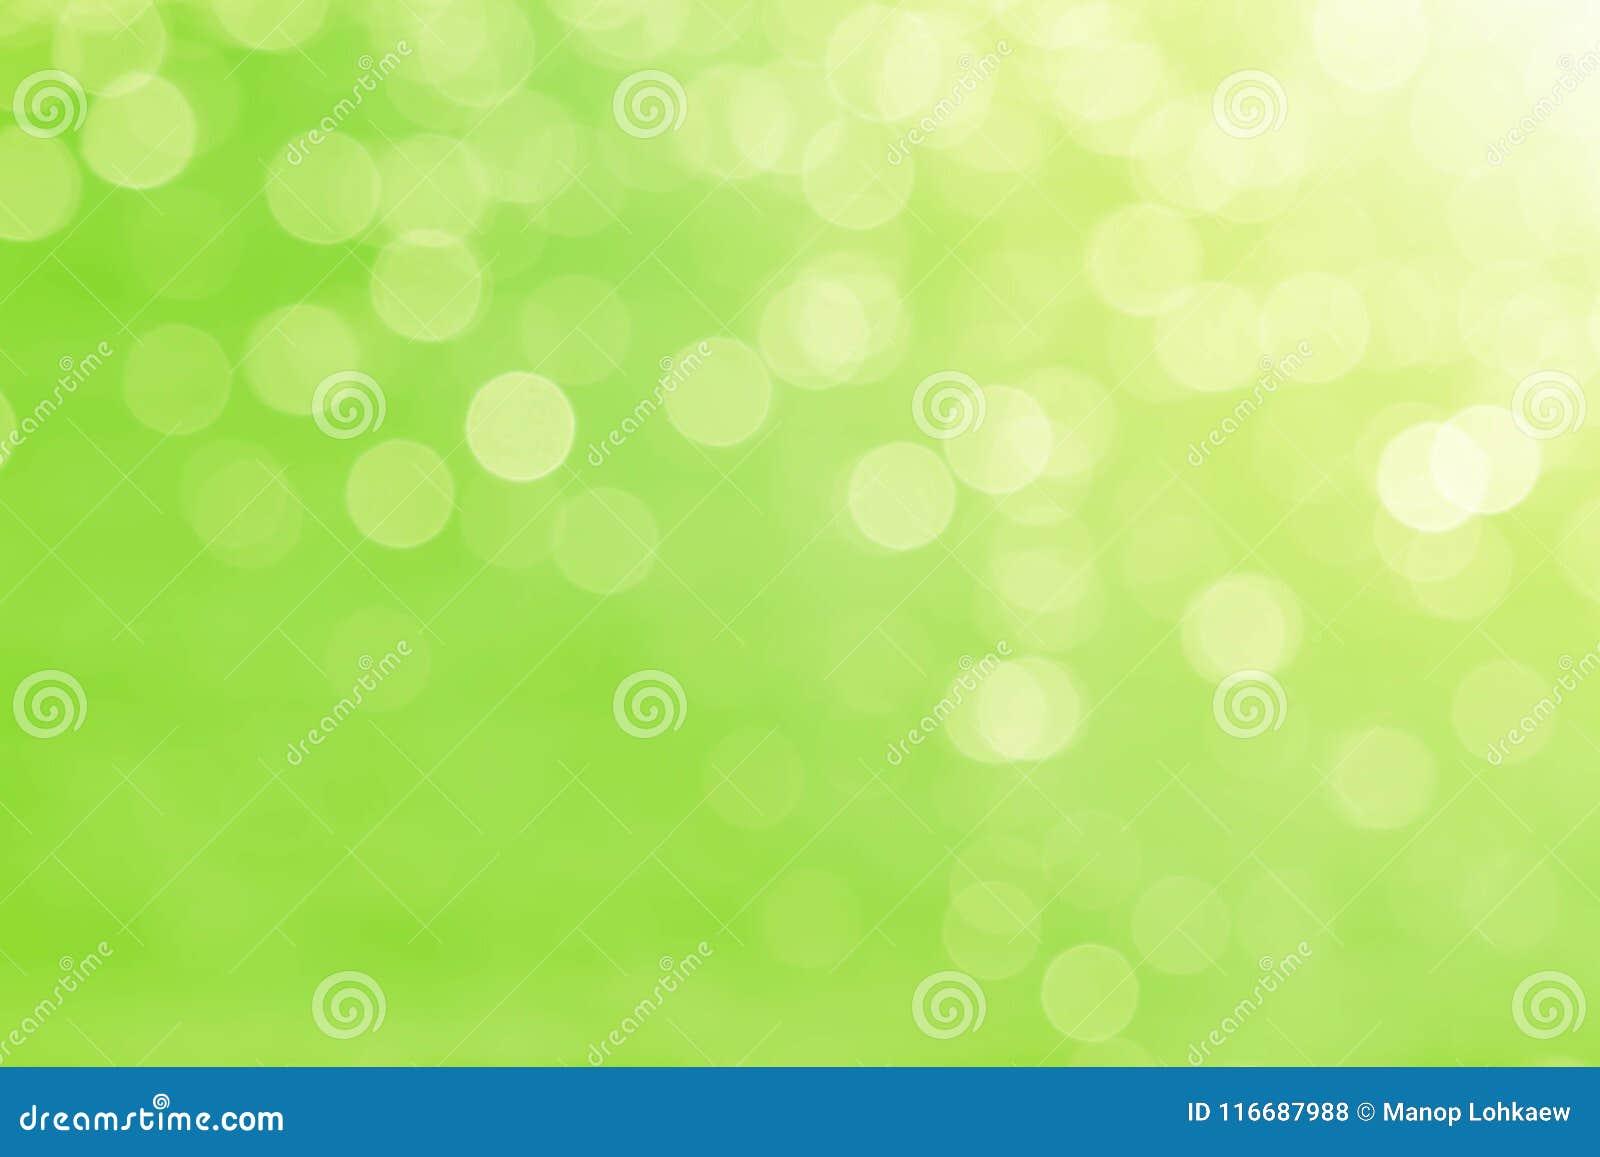 软性弄脏了甜绿色bokeh自然摘要背景